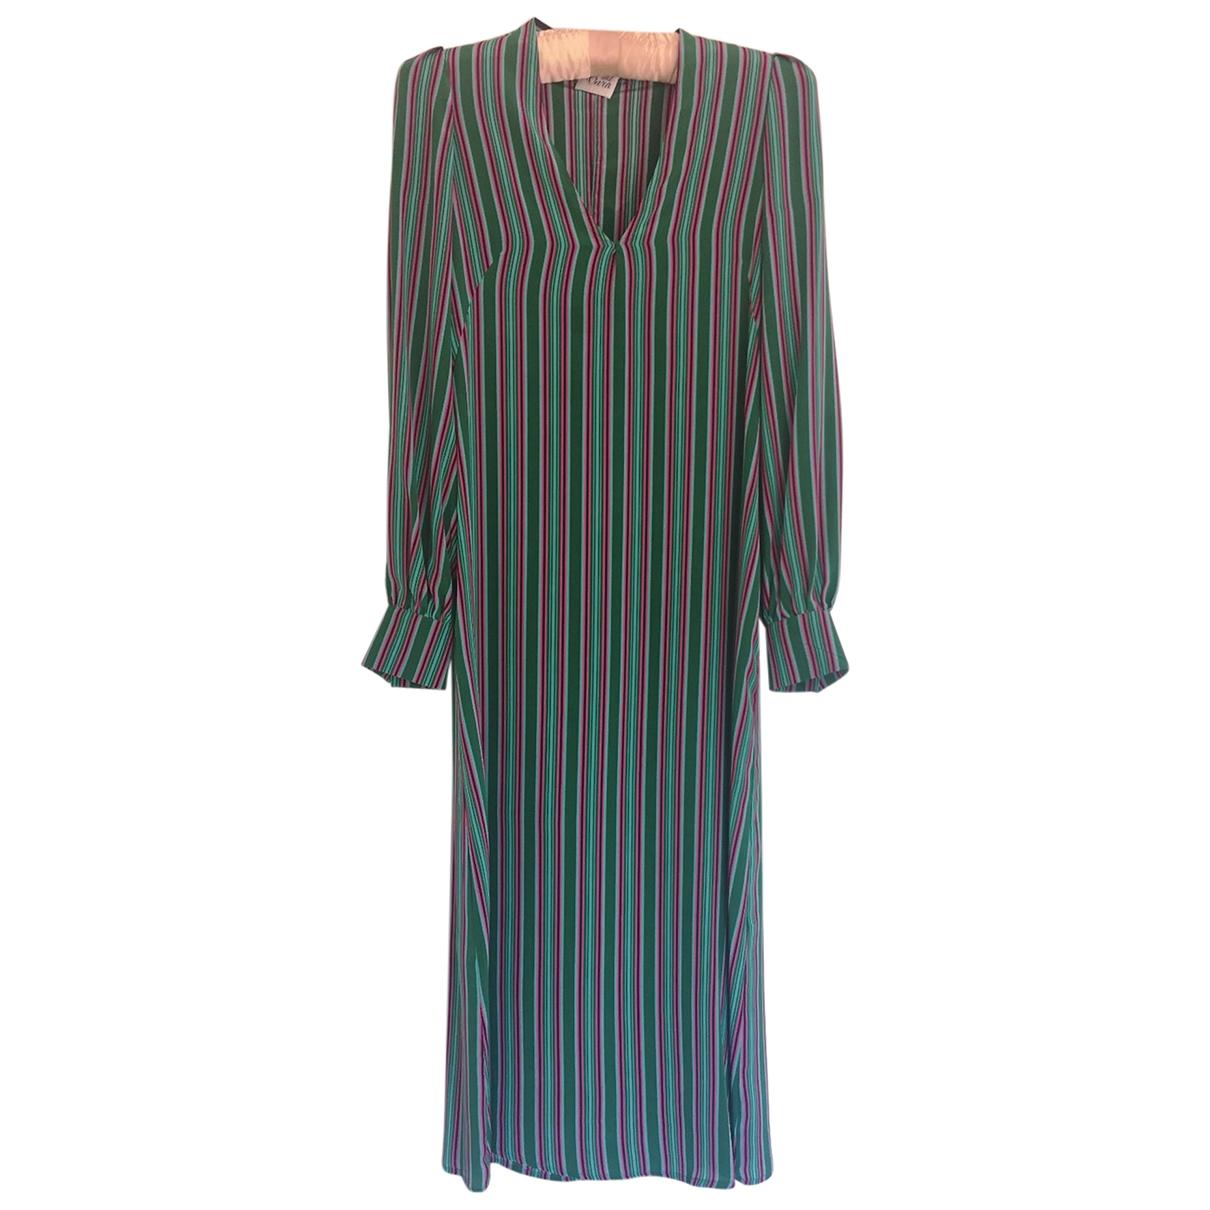 Attic And Barn - Robe   pour femme en soie - vert